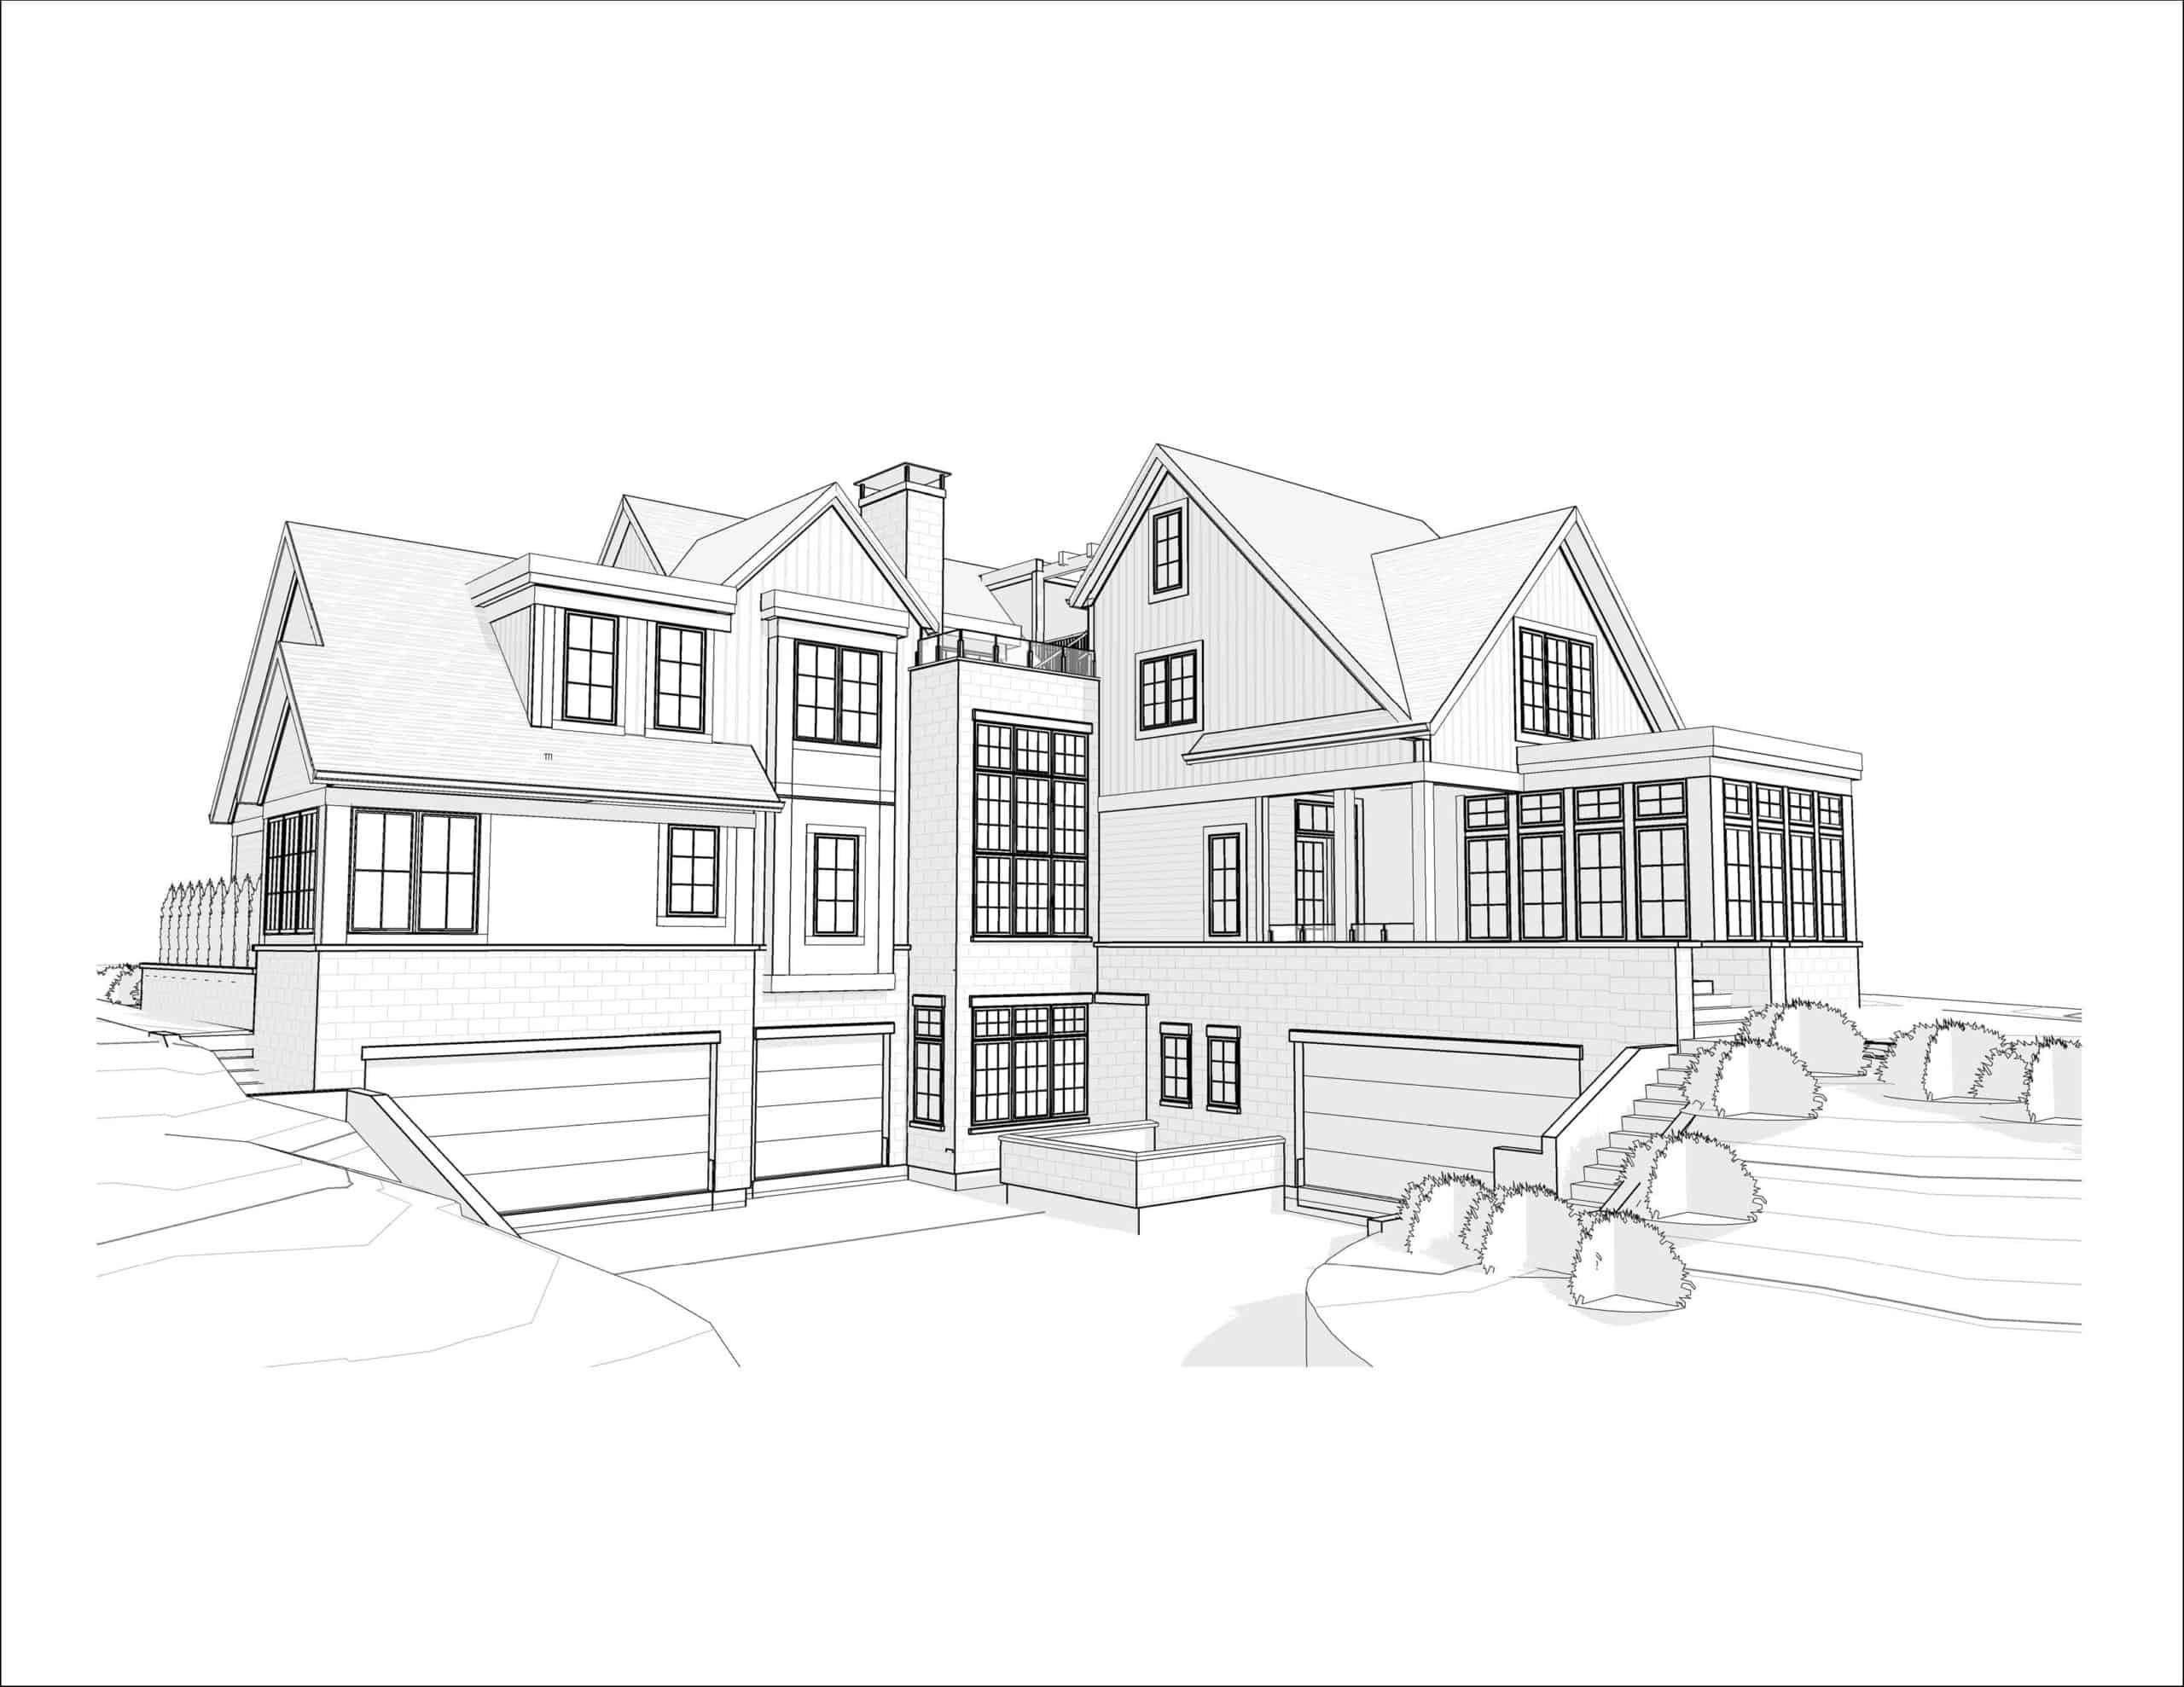 Mount Royal Modern Farmhouse drawing